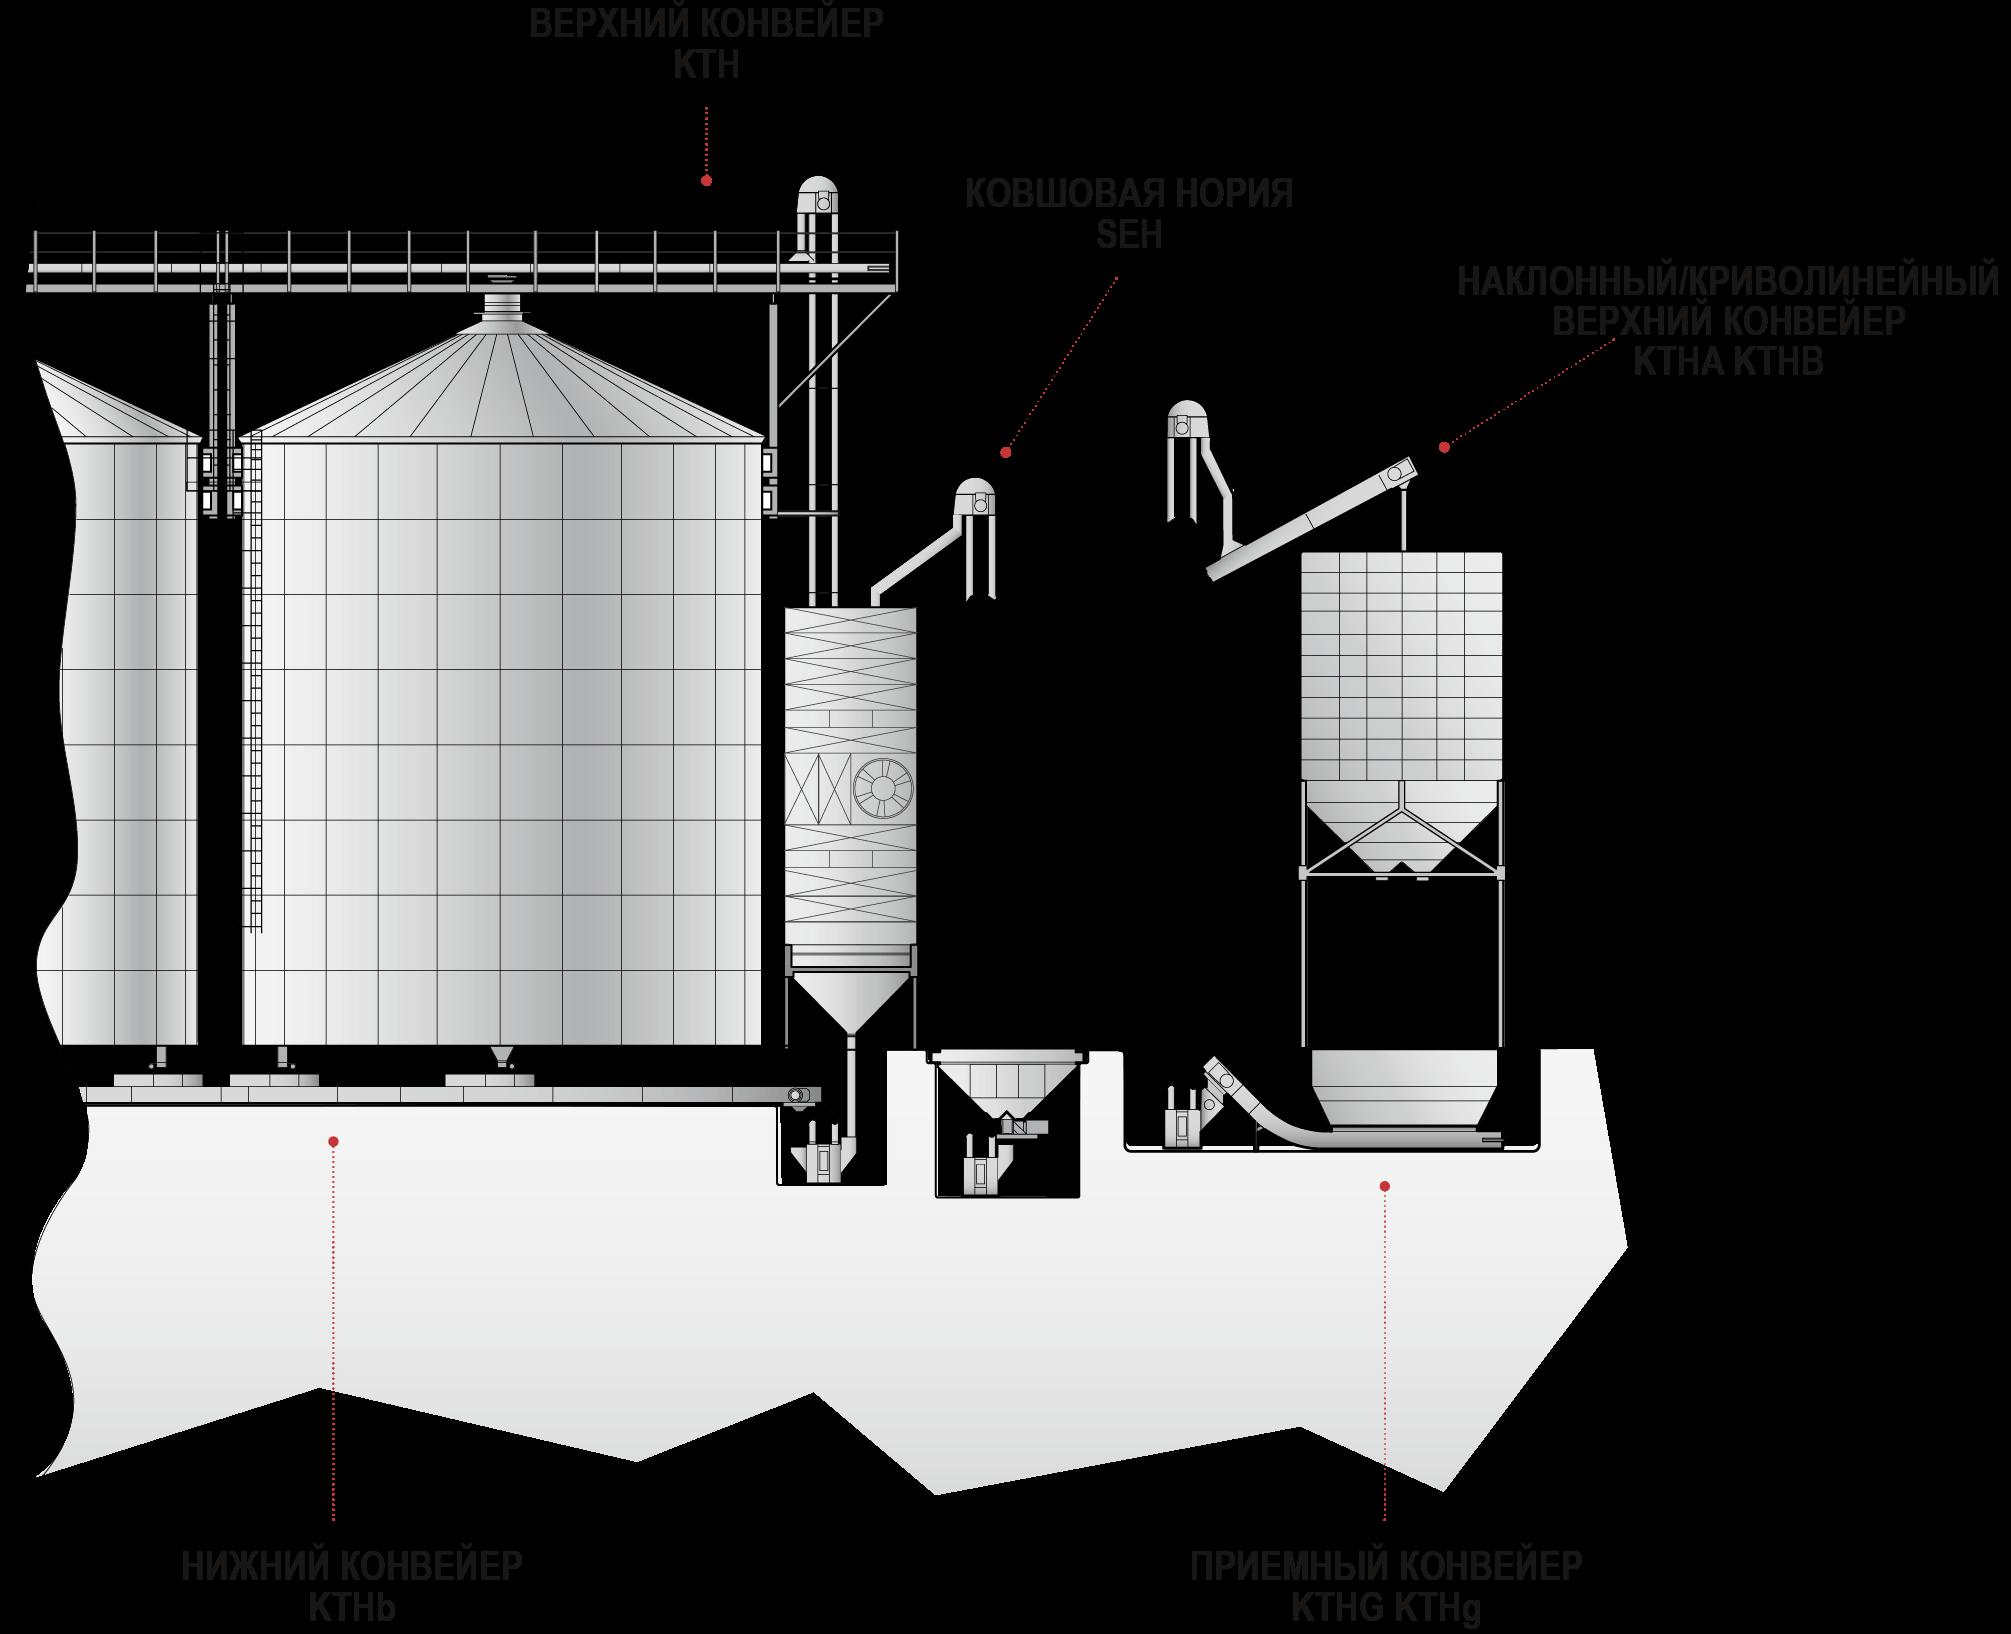 Конвейерное оборудование на предприятии технологические транспортеры киров